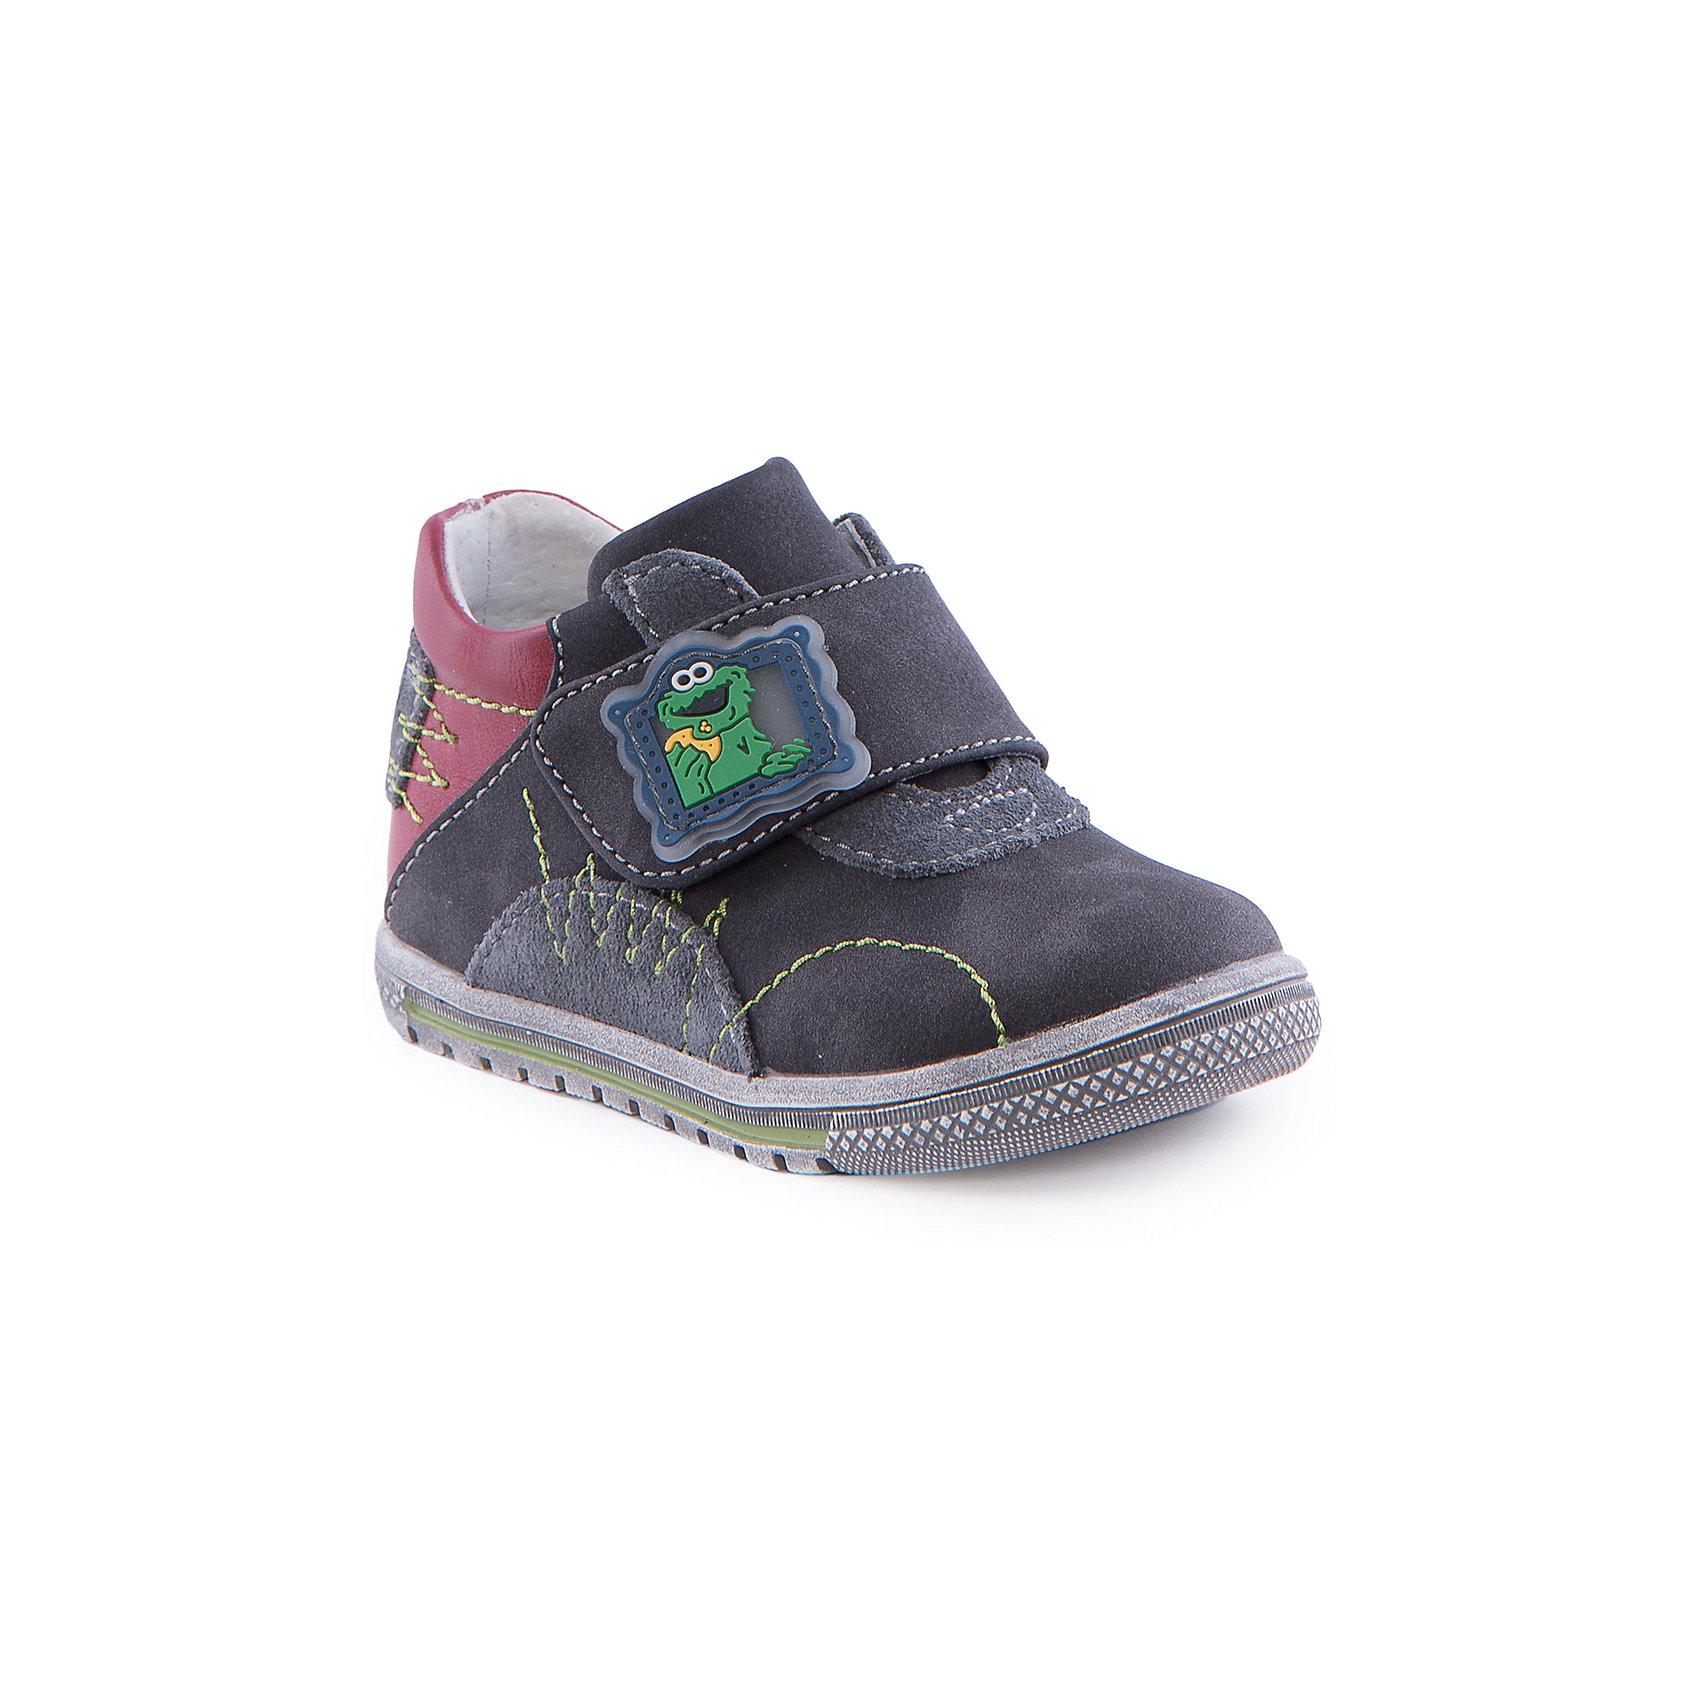 Ботинки для мальчика Indigo kidsБотинки<br>Ботинки для мальчика от известного бренда Indigo kids<br><br>Удобные ботинки отличаются оригинальной яркой отделкой. Они легко надеваются благодаря липучкам и комфортно садятся по ноге. <br><br>Особенности модели:<br><br>- цвет - серый, бордовый;<br>- стильный дизайн;<br>- удобная колодка;<br>- натуральная кожаная подкладка;<br>- декорированы аппликацией;<br>- качественная контрастная прошивка;<br>- устойчивая подошва;<br>- застежки: липучки.<br><br>Дополнительная информация:<br><br>Состав:<br><br>верх – искусственная кожа;<br>подкладка - натуральная кожа;<br>подошва - ТЭП.<br><br>Ботинки для мальчика Indigo kids (Индиго Кидс) можно купить в нашем магазине.<br><br>Ширина мм: 262<br>Глубина мм: 176<br>Высота мм: 97<br>Вес г: 427<br>Цвет: серый<br>Возраст от месяцев: 15<br>Возраст до месяцев: 18<br>Пол: Мужской<br>Возраст: Детский<br>Размер: 22,21,23,20,25,24<br>SKU: 4520111